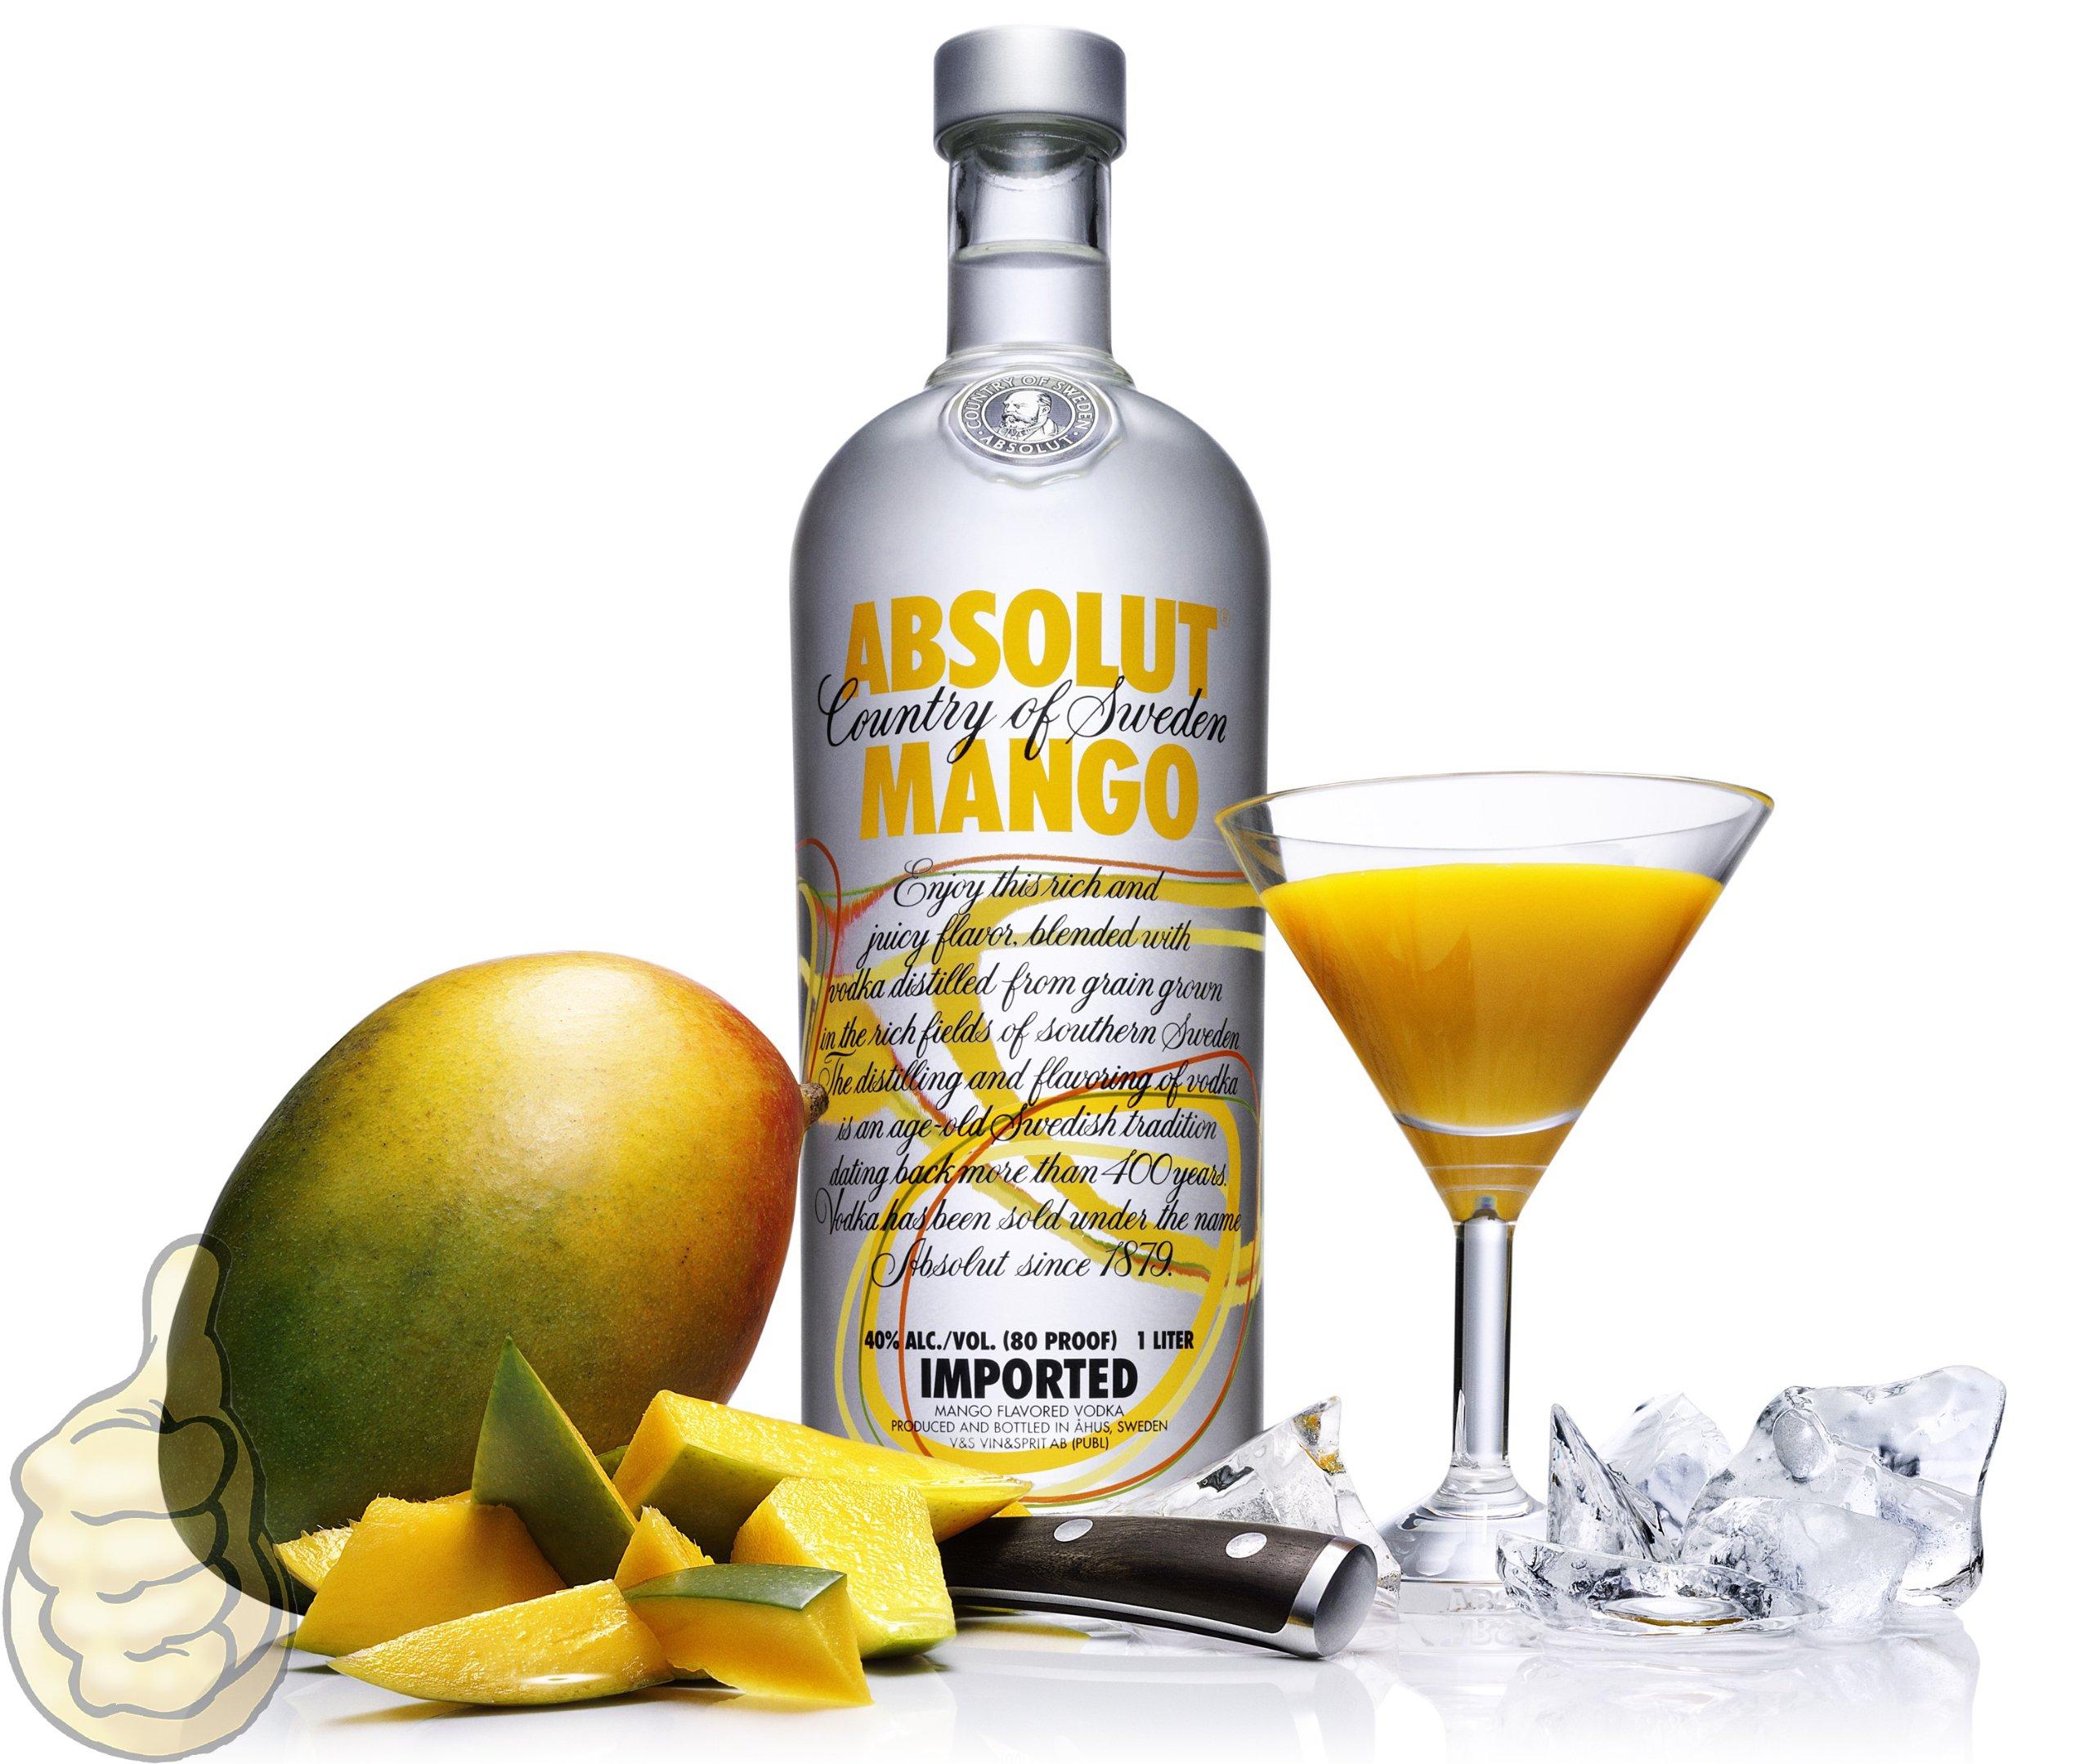 Absolut-Vodka-Mango-1-Liter